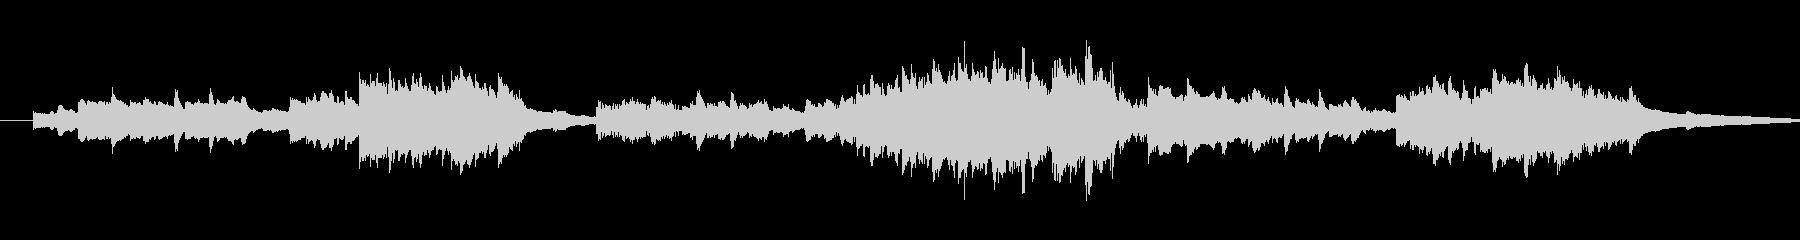 きらきら星 変奏10(リピート無し)の未再生の波形